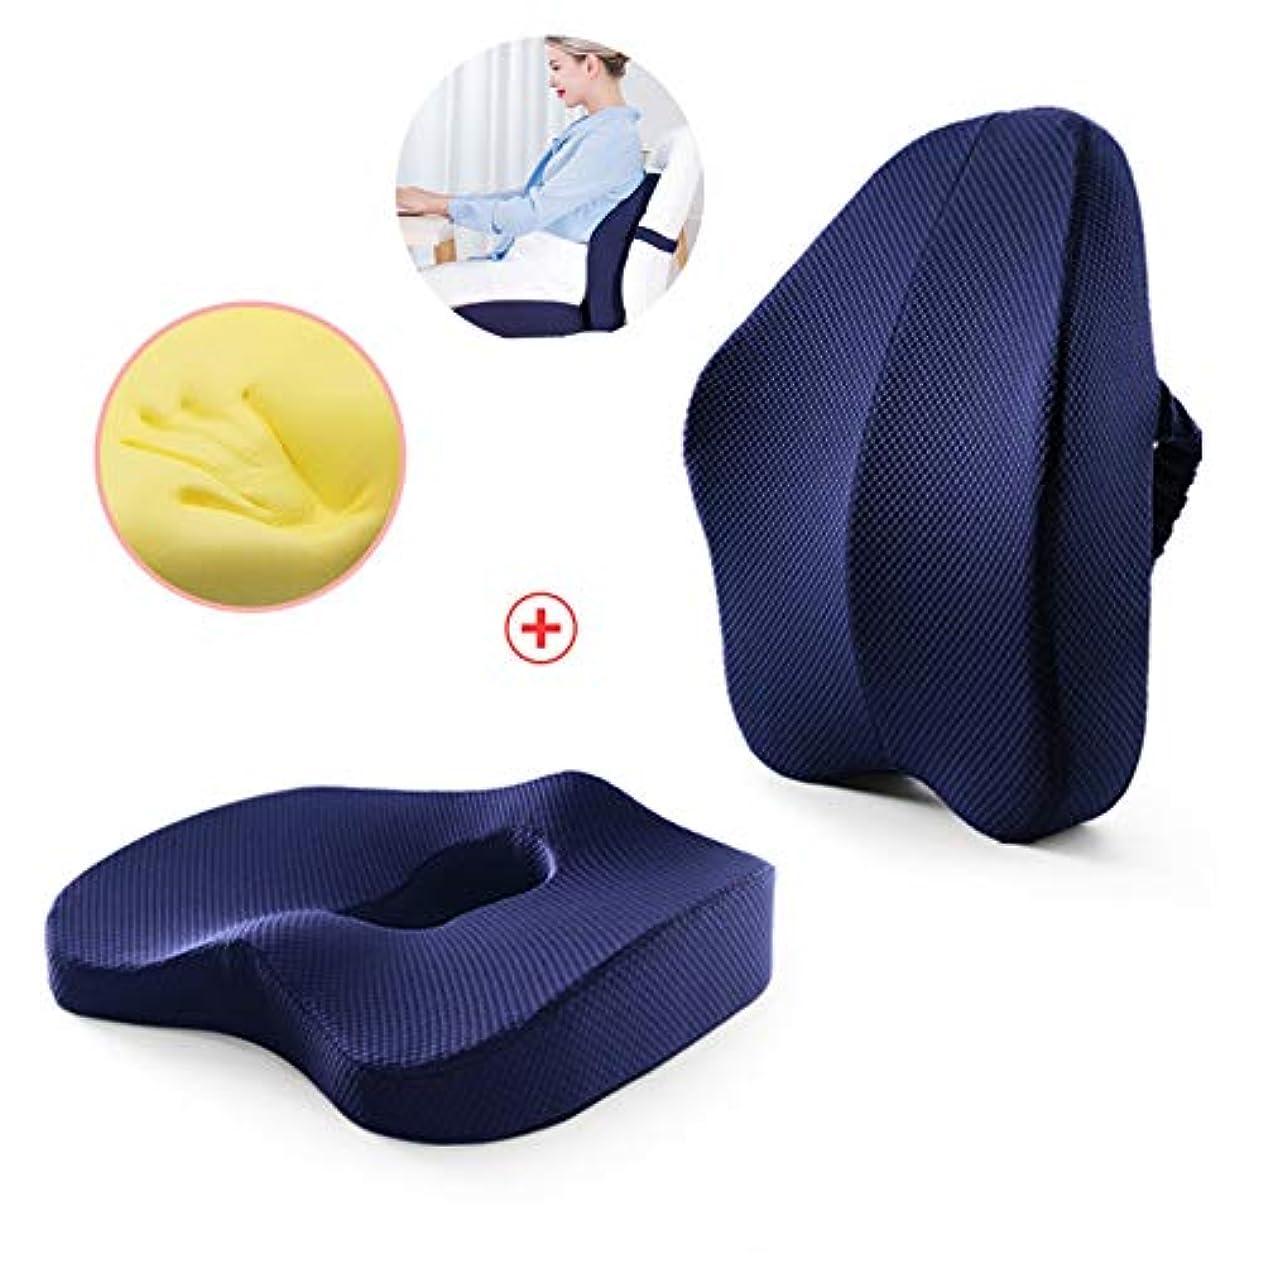 スキッパーくるみ家事をするシートクッションとランバーサポート 低反発フォームの洗えるカバークッション、車のオフィスコンピュータチェア車椅子用